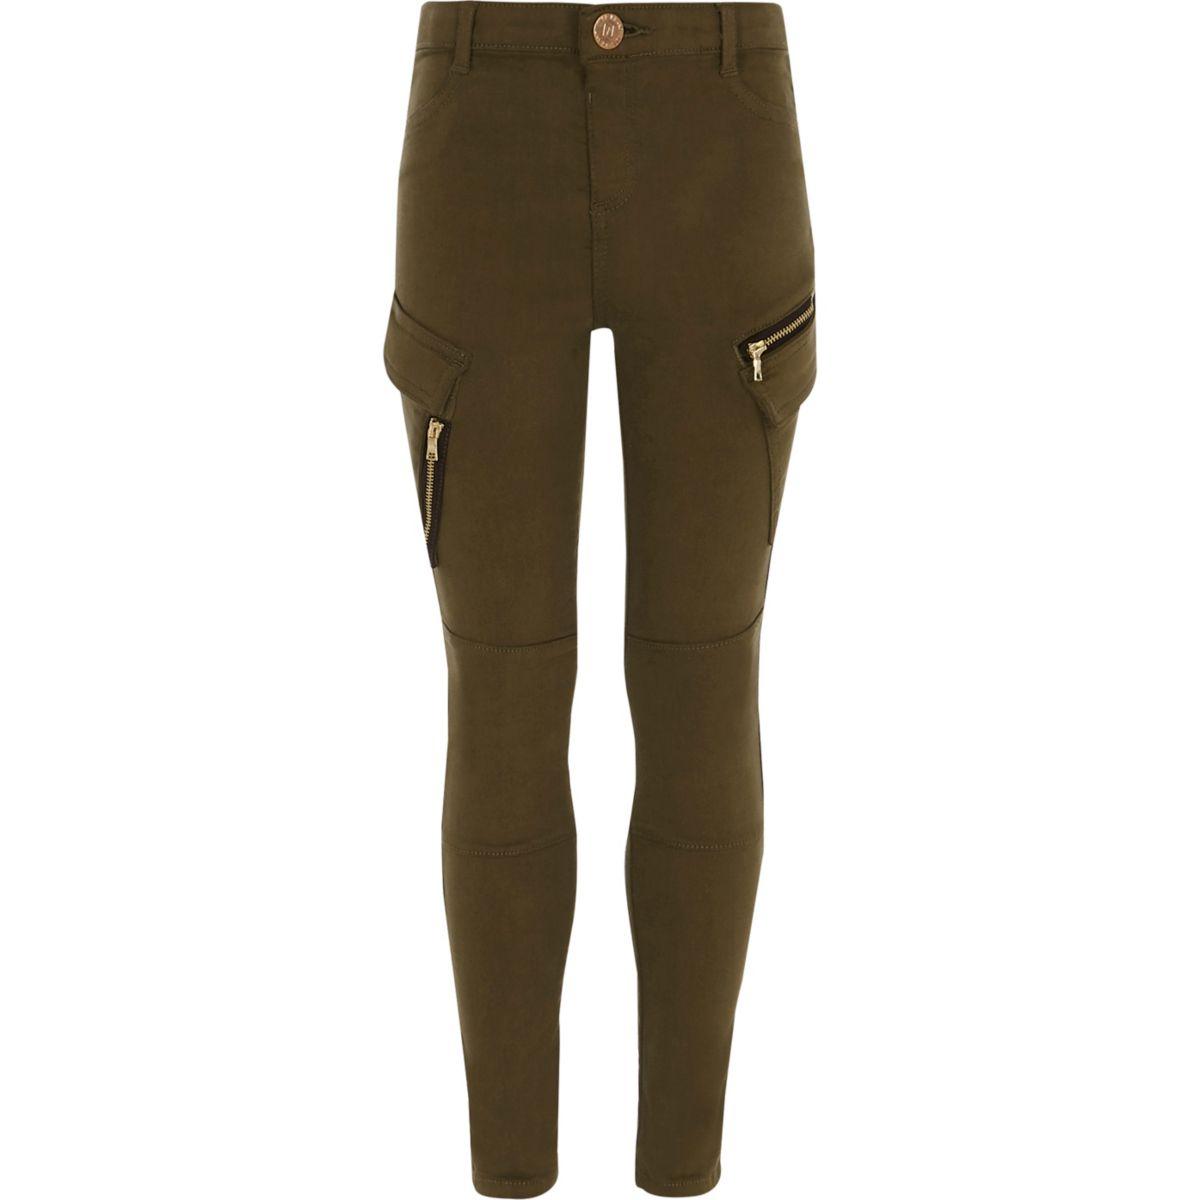 Pantalon cargo skinny kaki pour fille